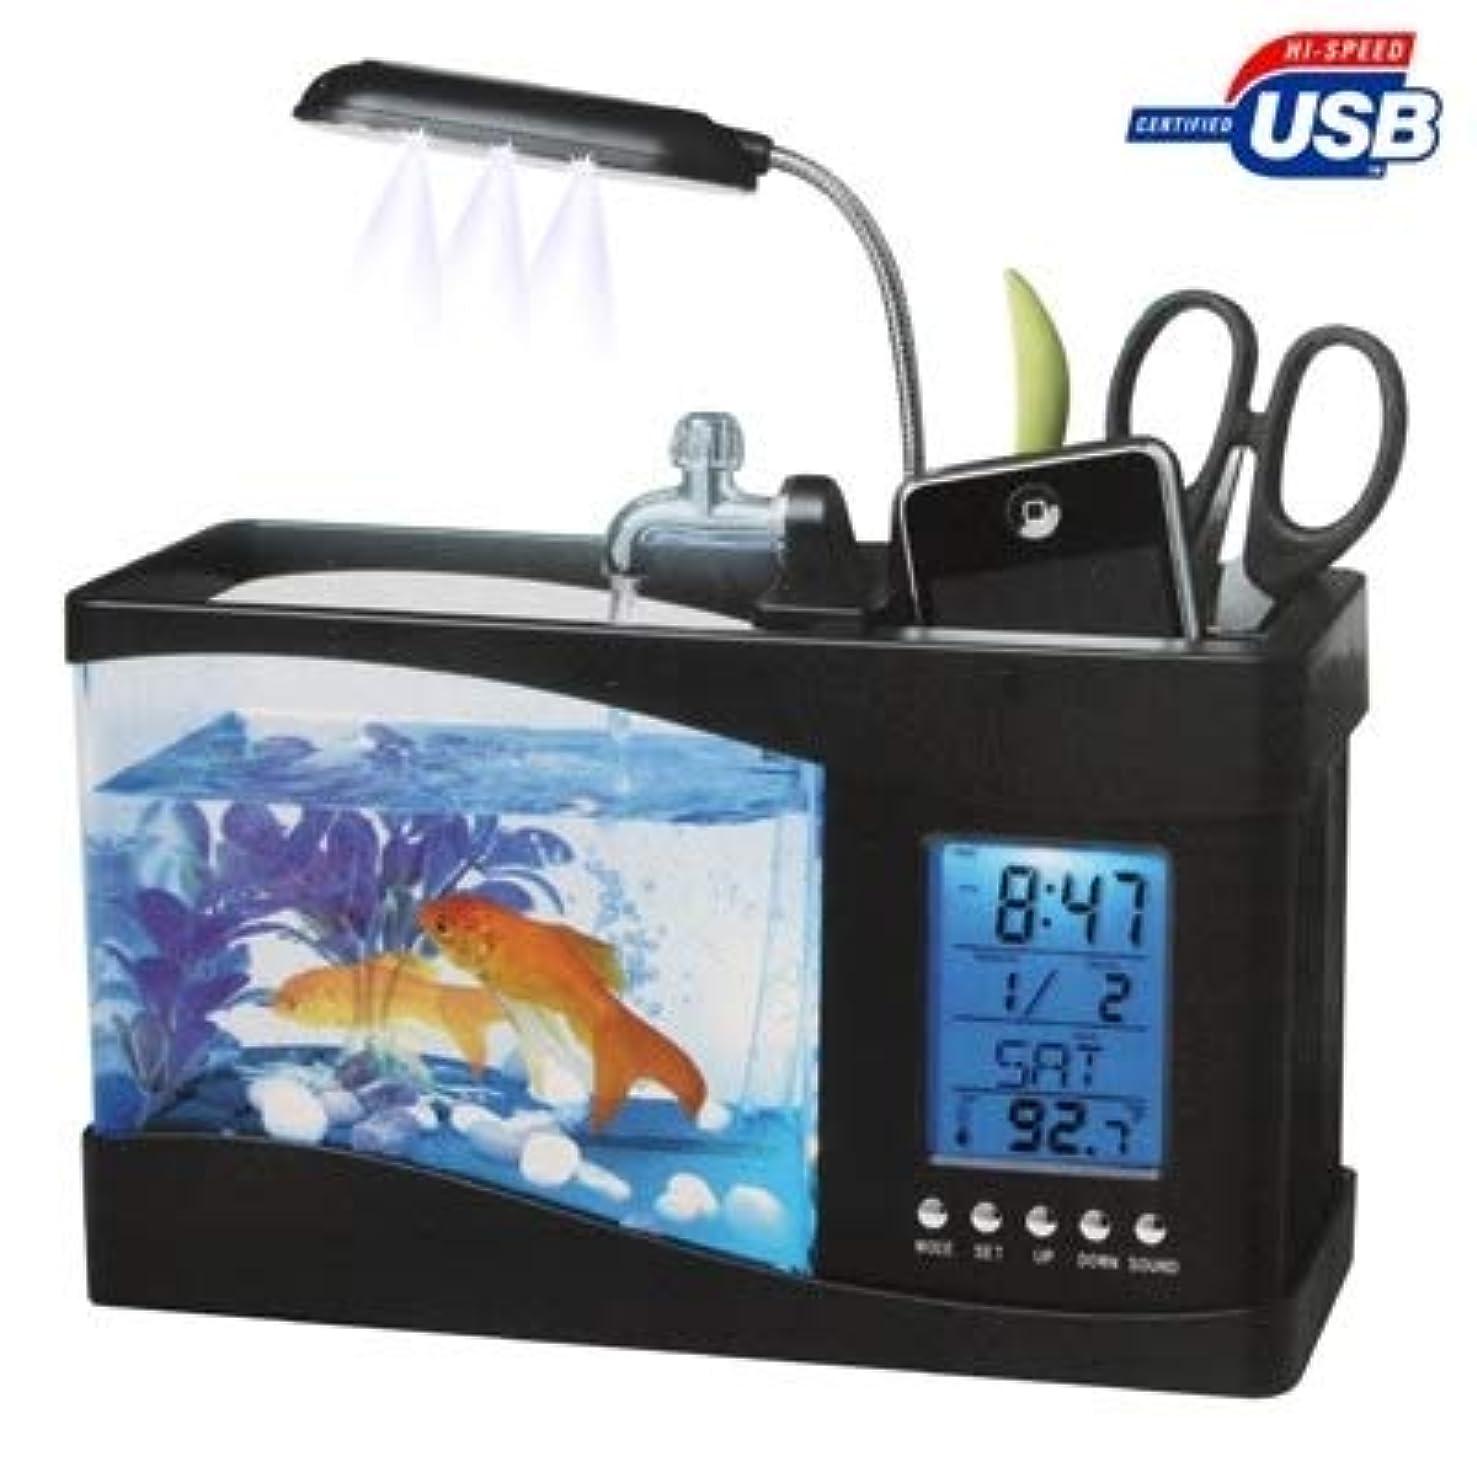 肉カプラー勝者水と6 LEDライト、カレンダーとLCDの時計表示を実行している村上の日のUSBデスクトップ水族館ミニ水槽、時間、アラーム(水1.5クオートを保持します) 村上の日